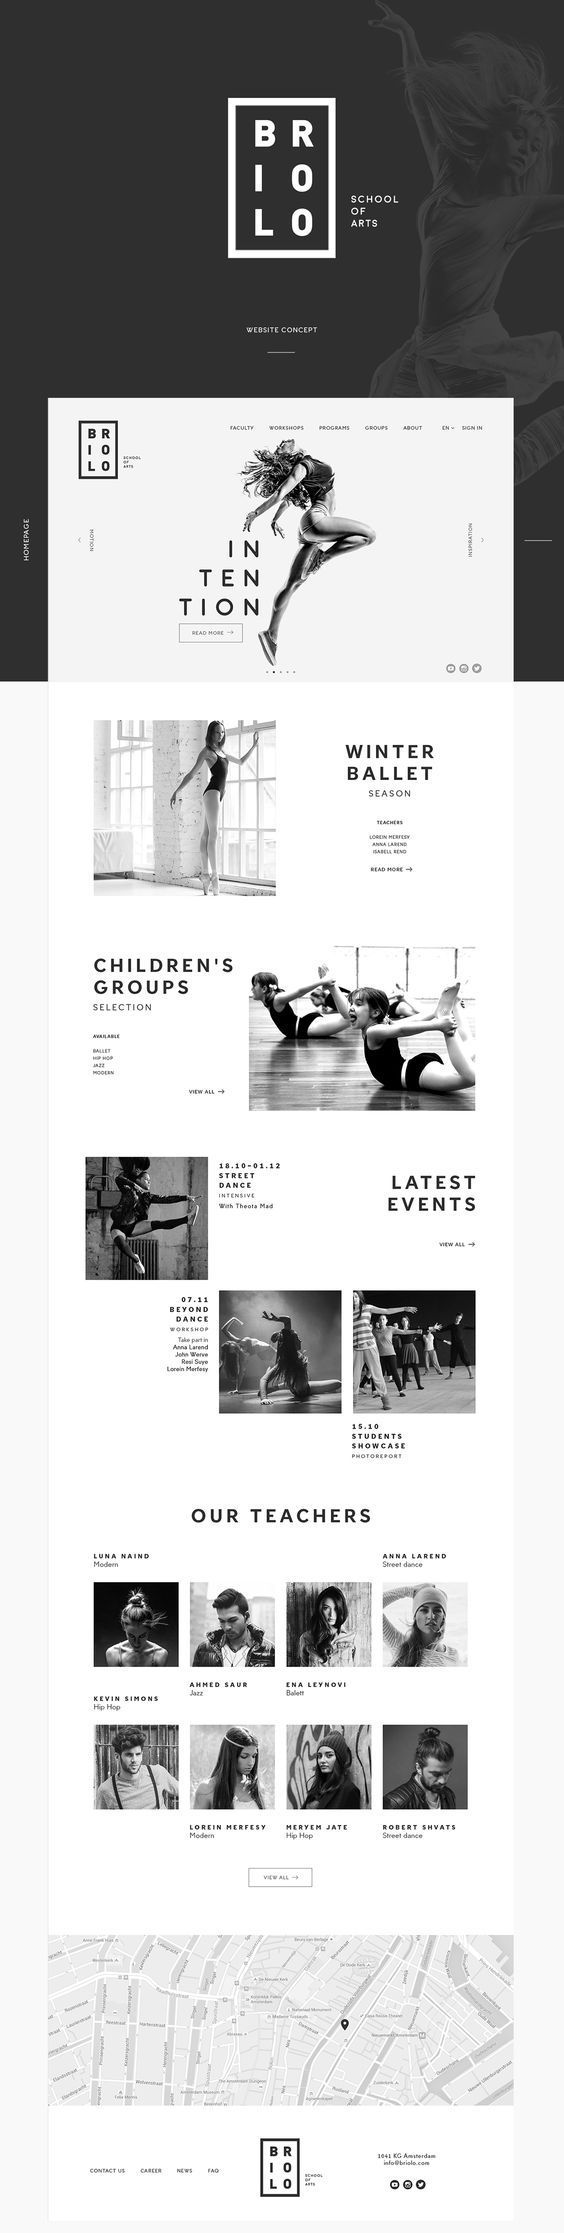 Briolo | Website concept on Web Design Served: http://marketerium.com/blog/